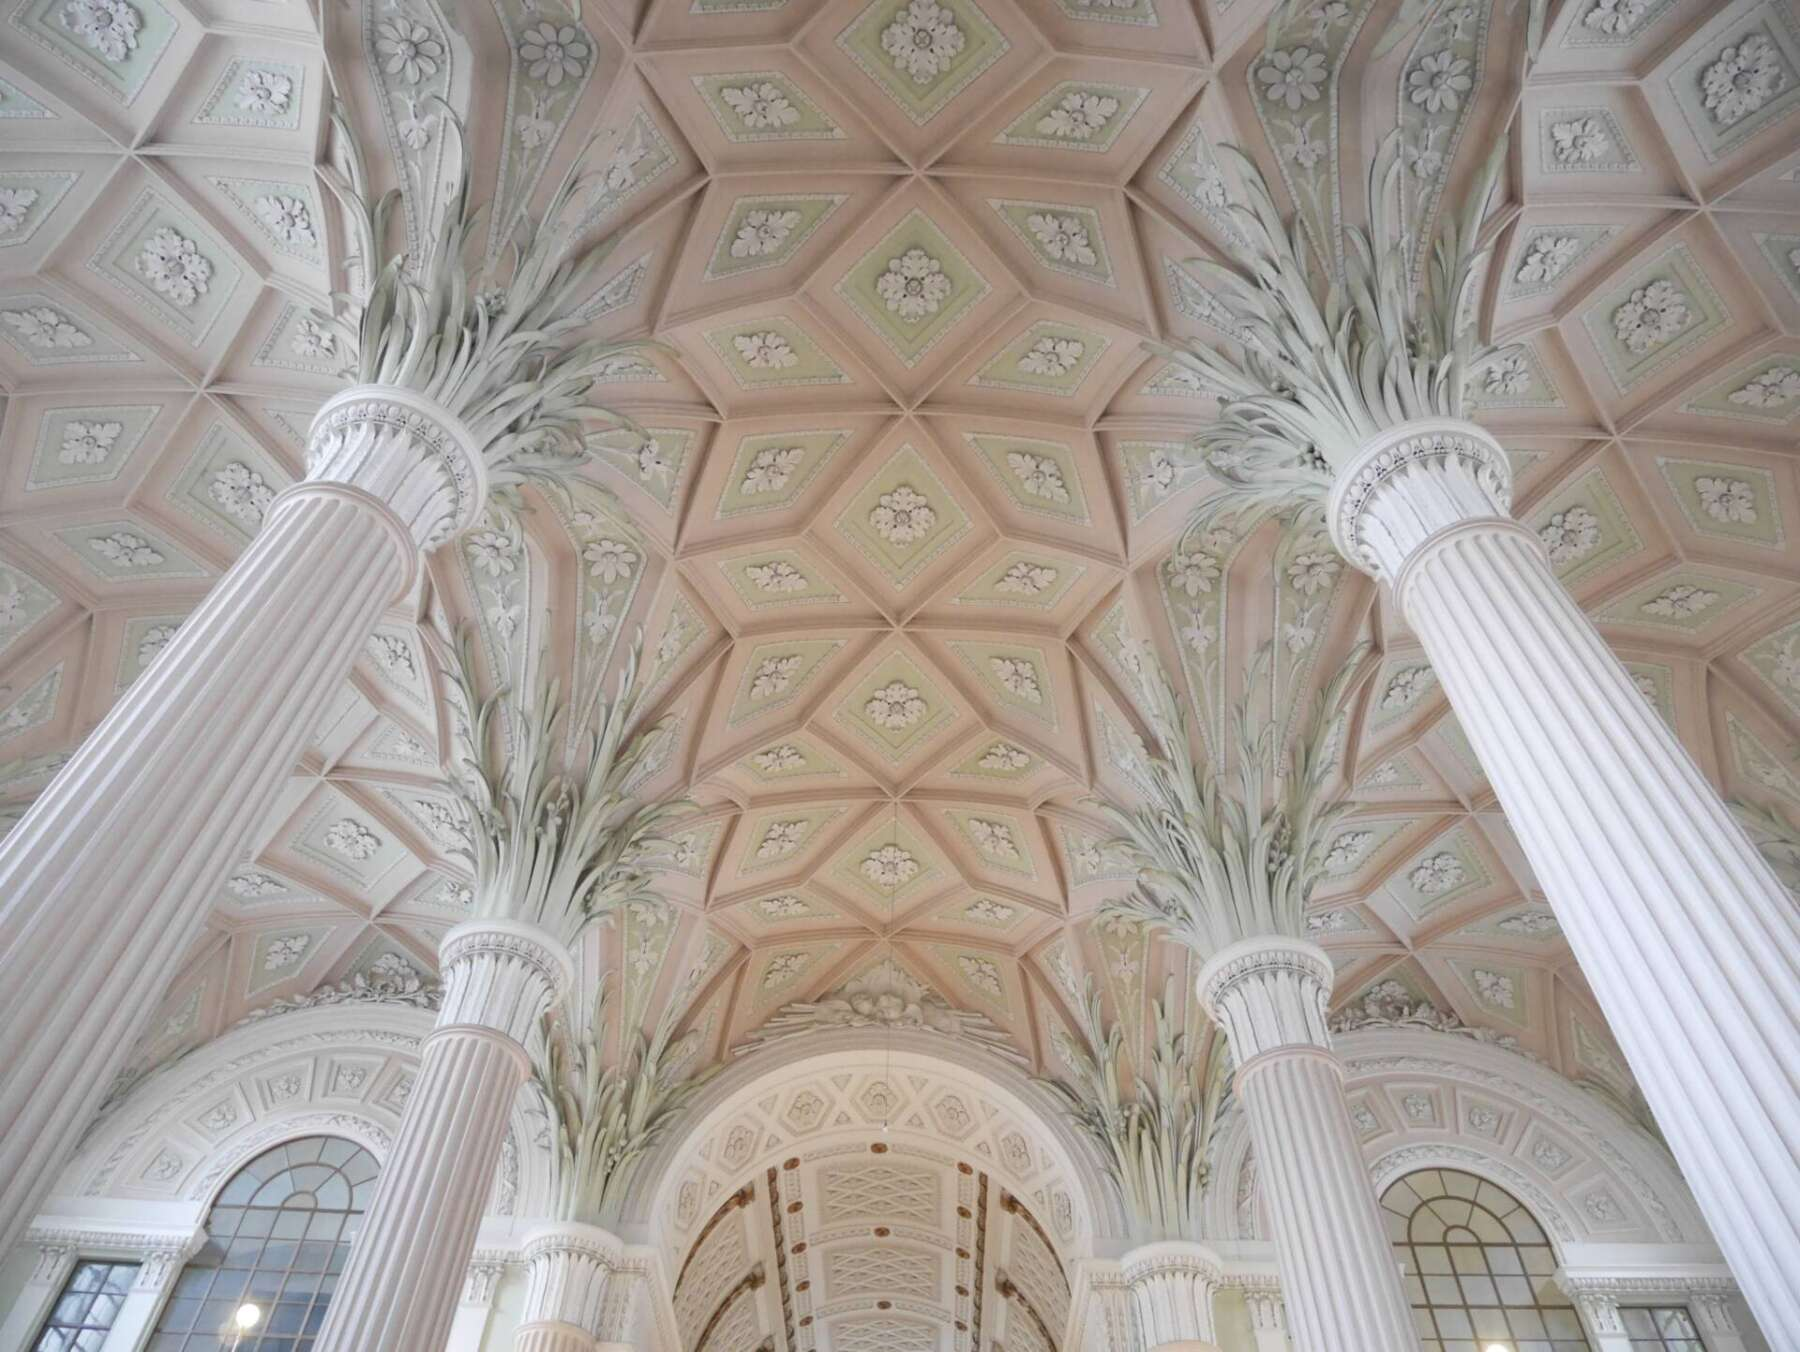 โบสถ์เซนต์นิโคลัส, ไลพ์ซิก (St. Nicholas Church, Leipzig)